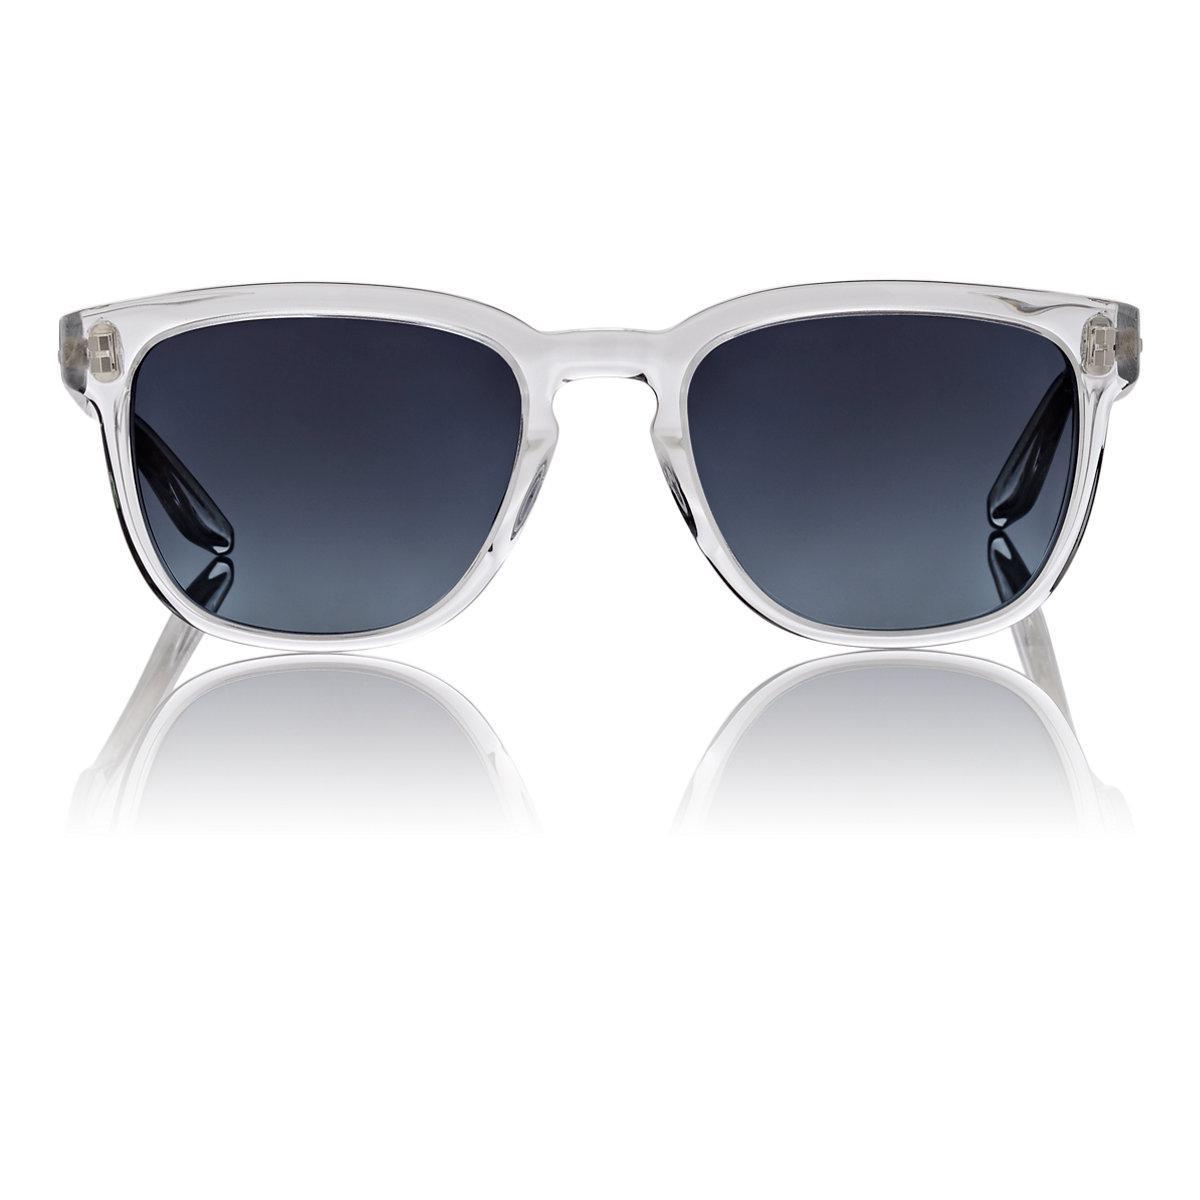 4f8eb3d2286 Lyst - Barton Perreira Coltrane Sunglasses in White for Men